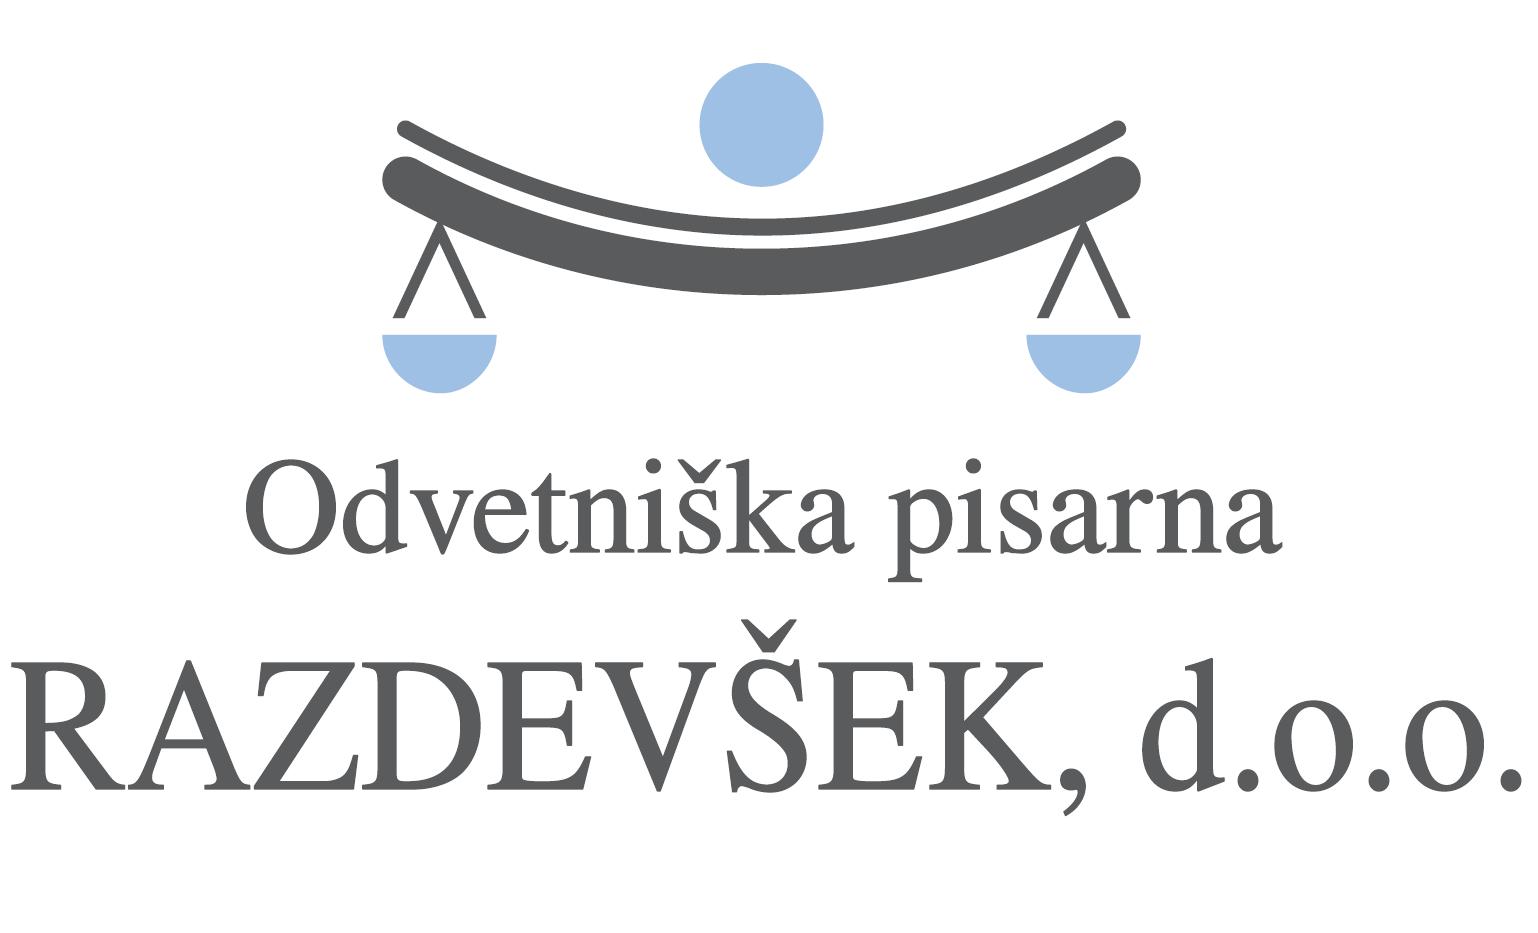 Odvetniška pisarna RAZDEVŠEK, d.o.o.